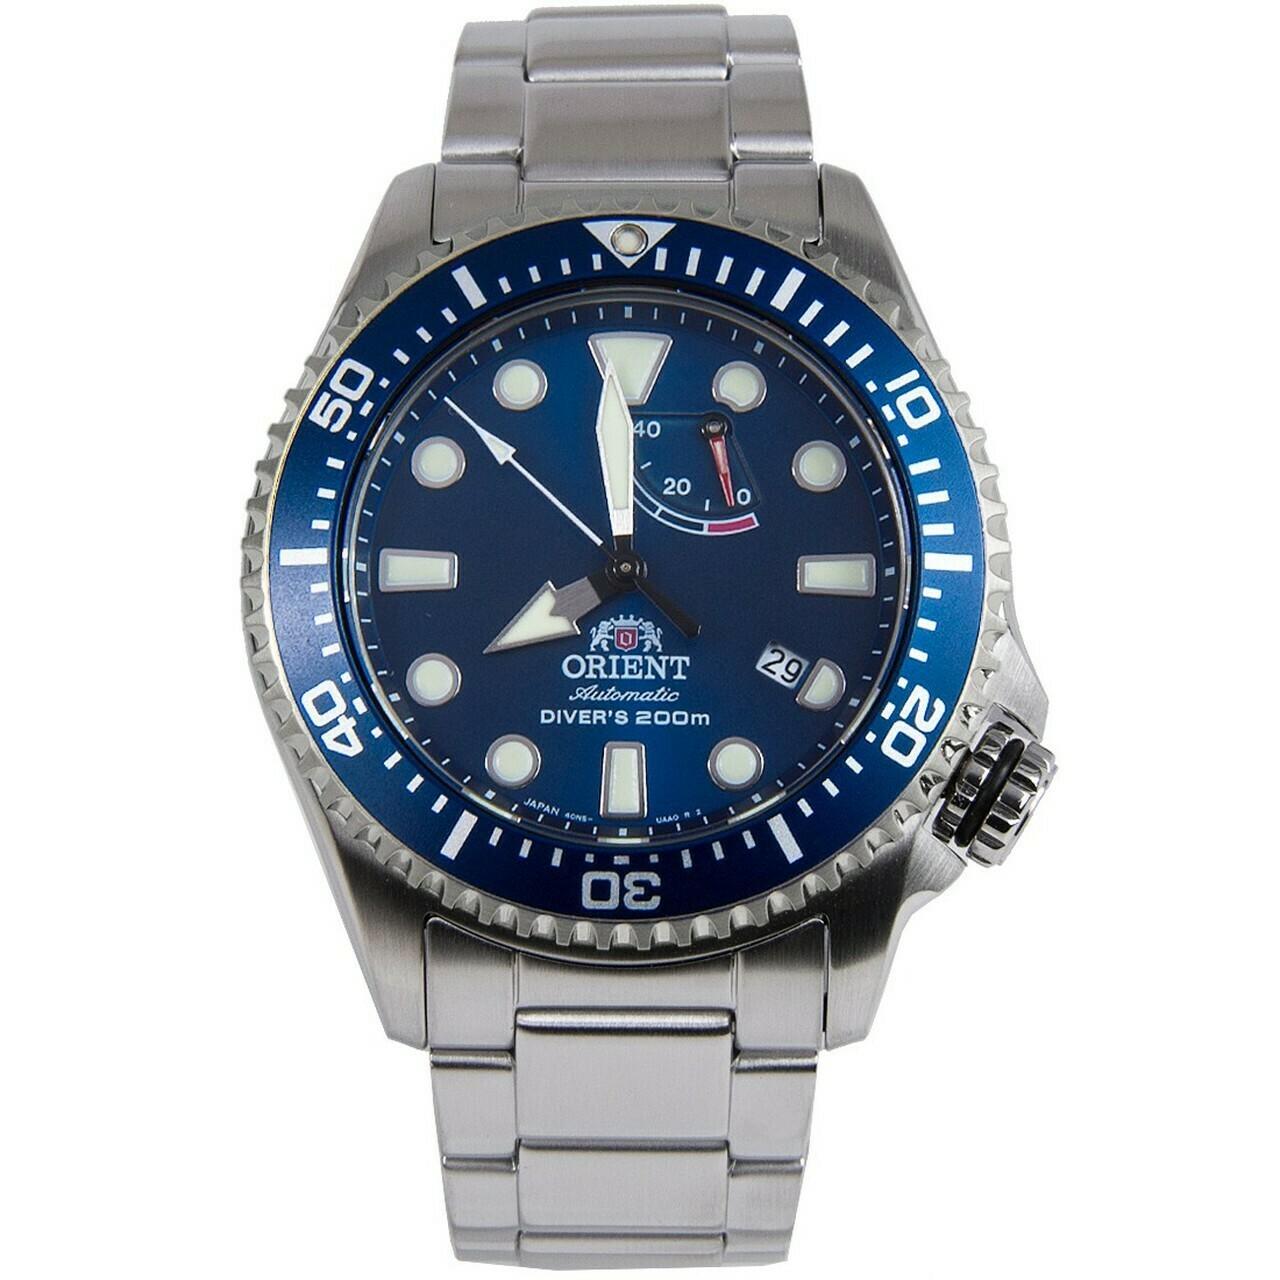 Reloj Automático Hombre Orient TRITON RA-EL0002L acero zafiro Buzo